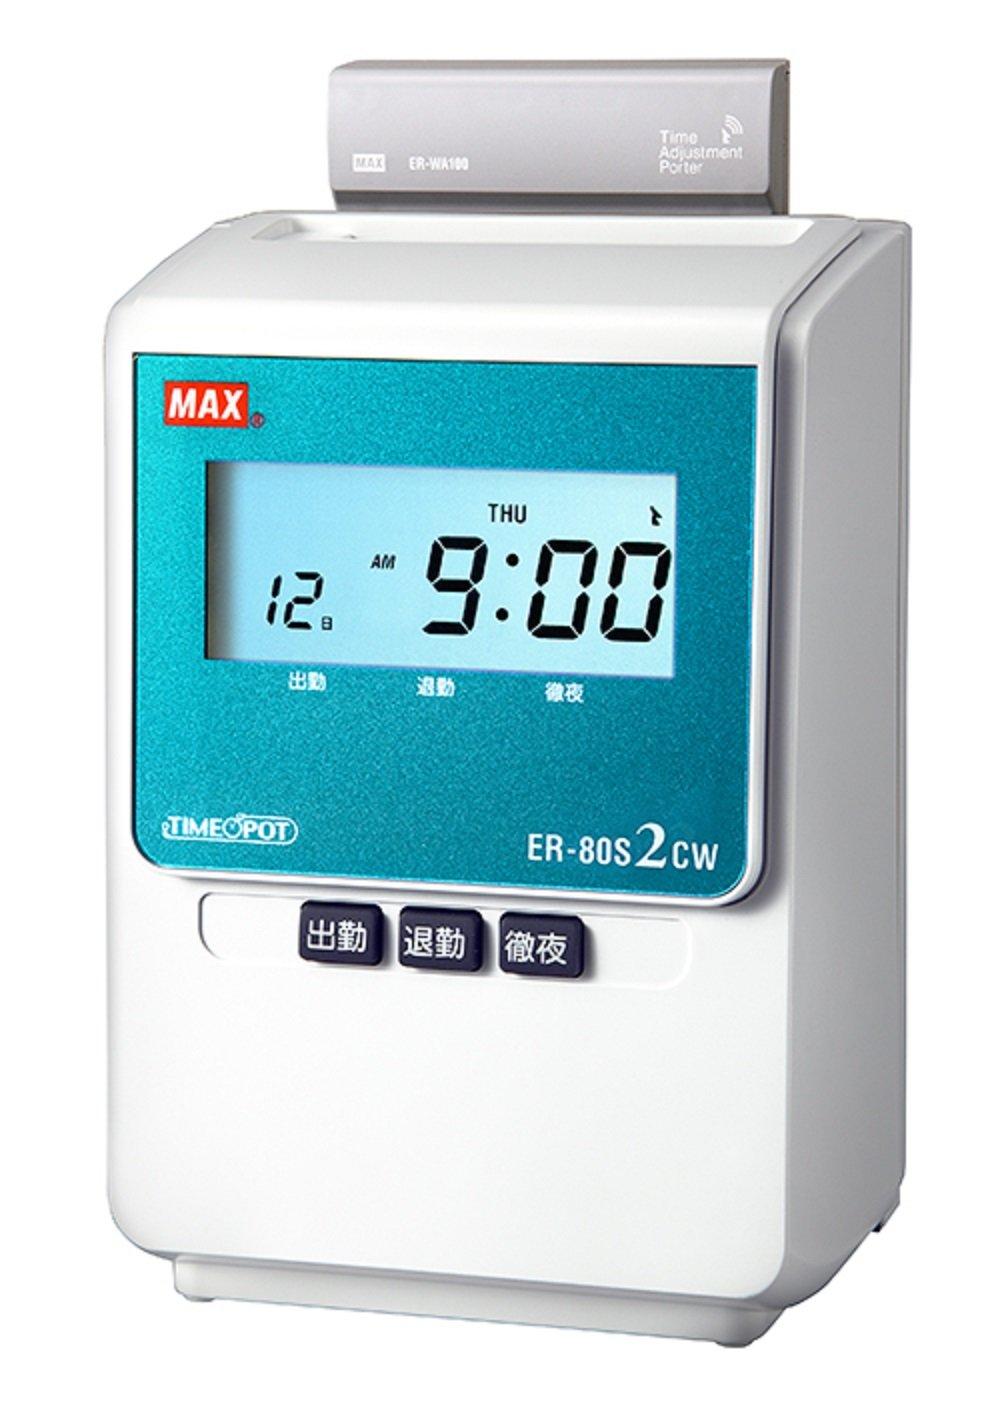 マックス ER-80S2CW